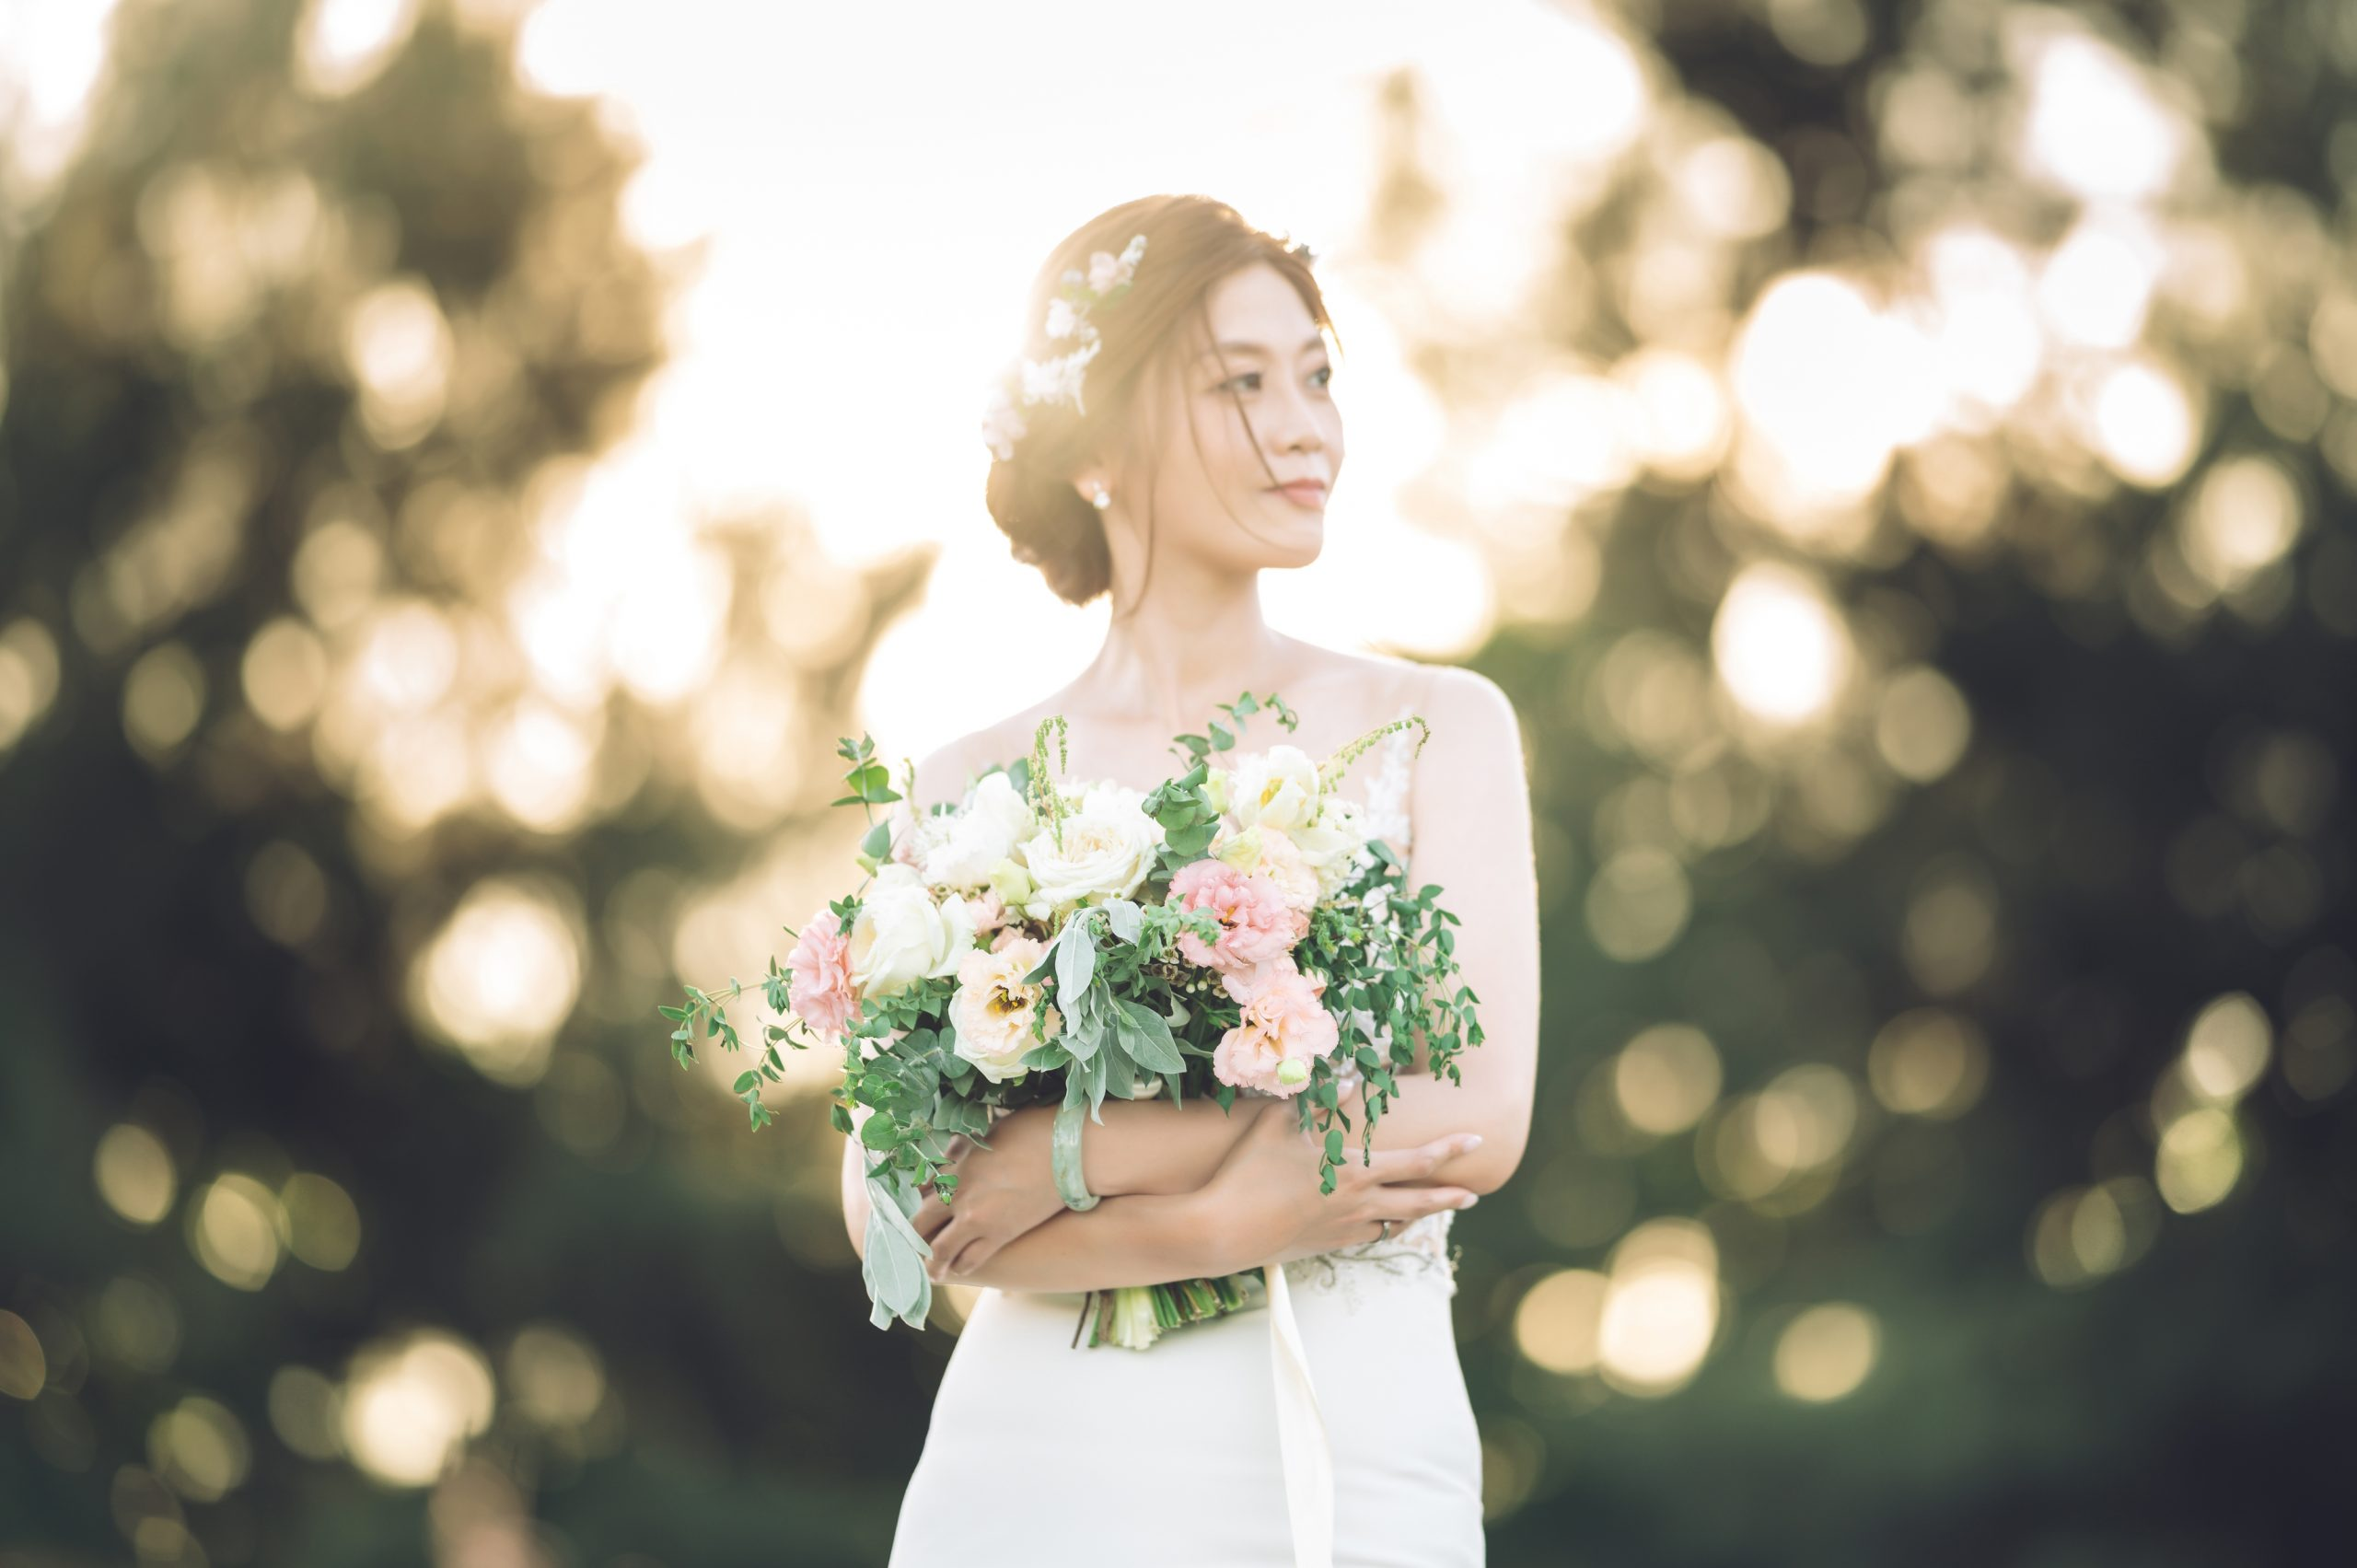 台中婚紗  煒中+嬿儒 Mydear 婚紗攝影 逆光婚紗